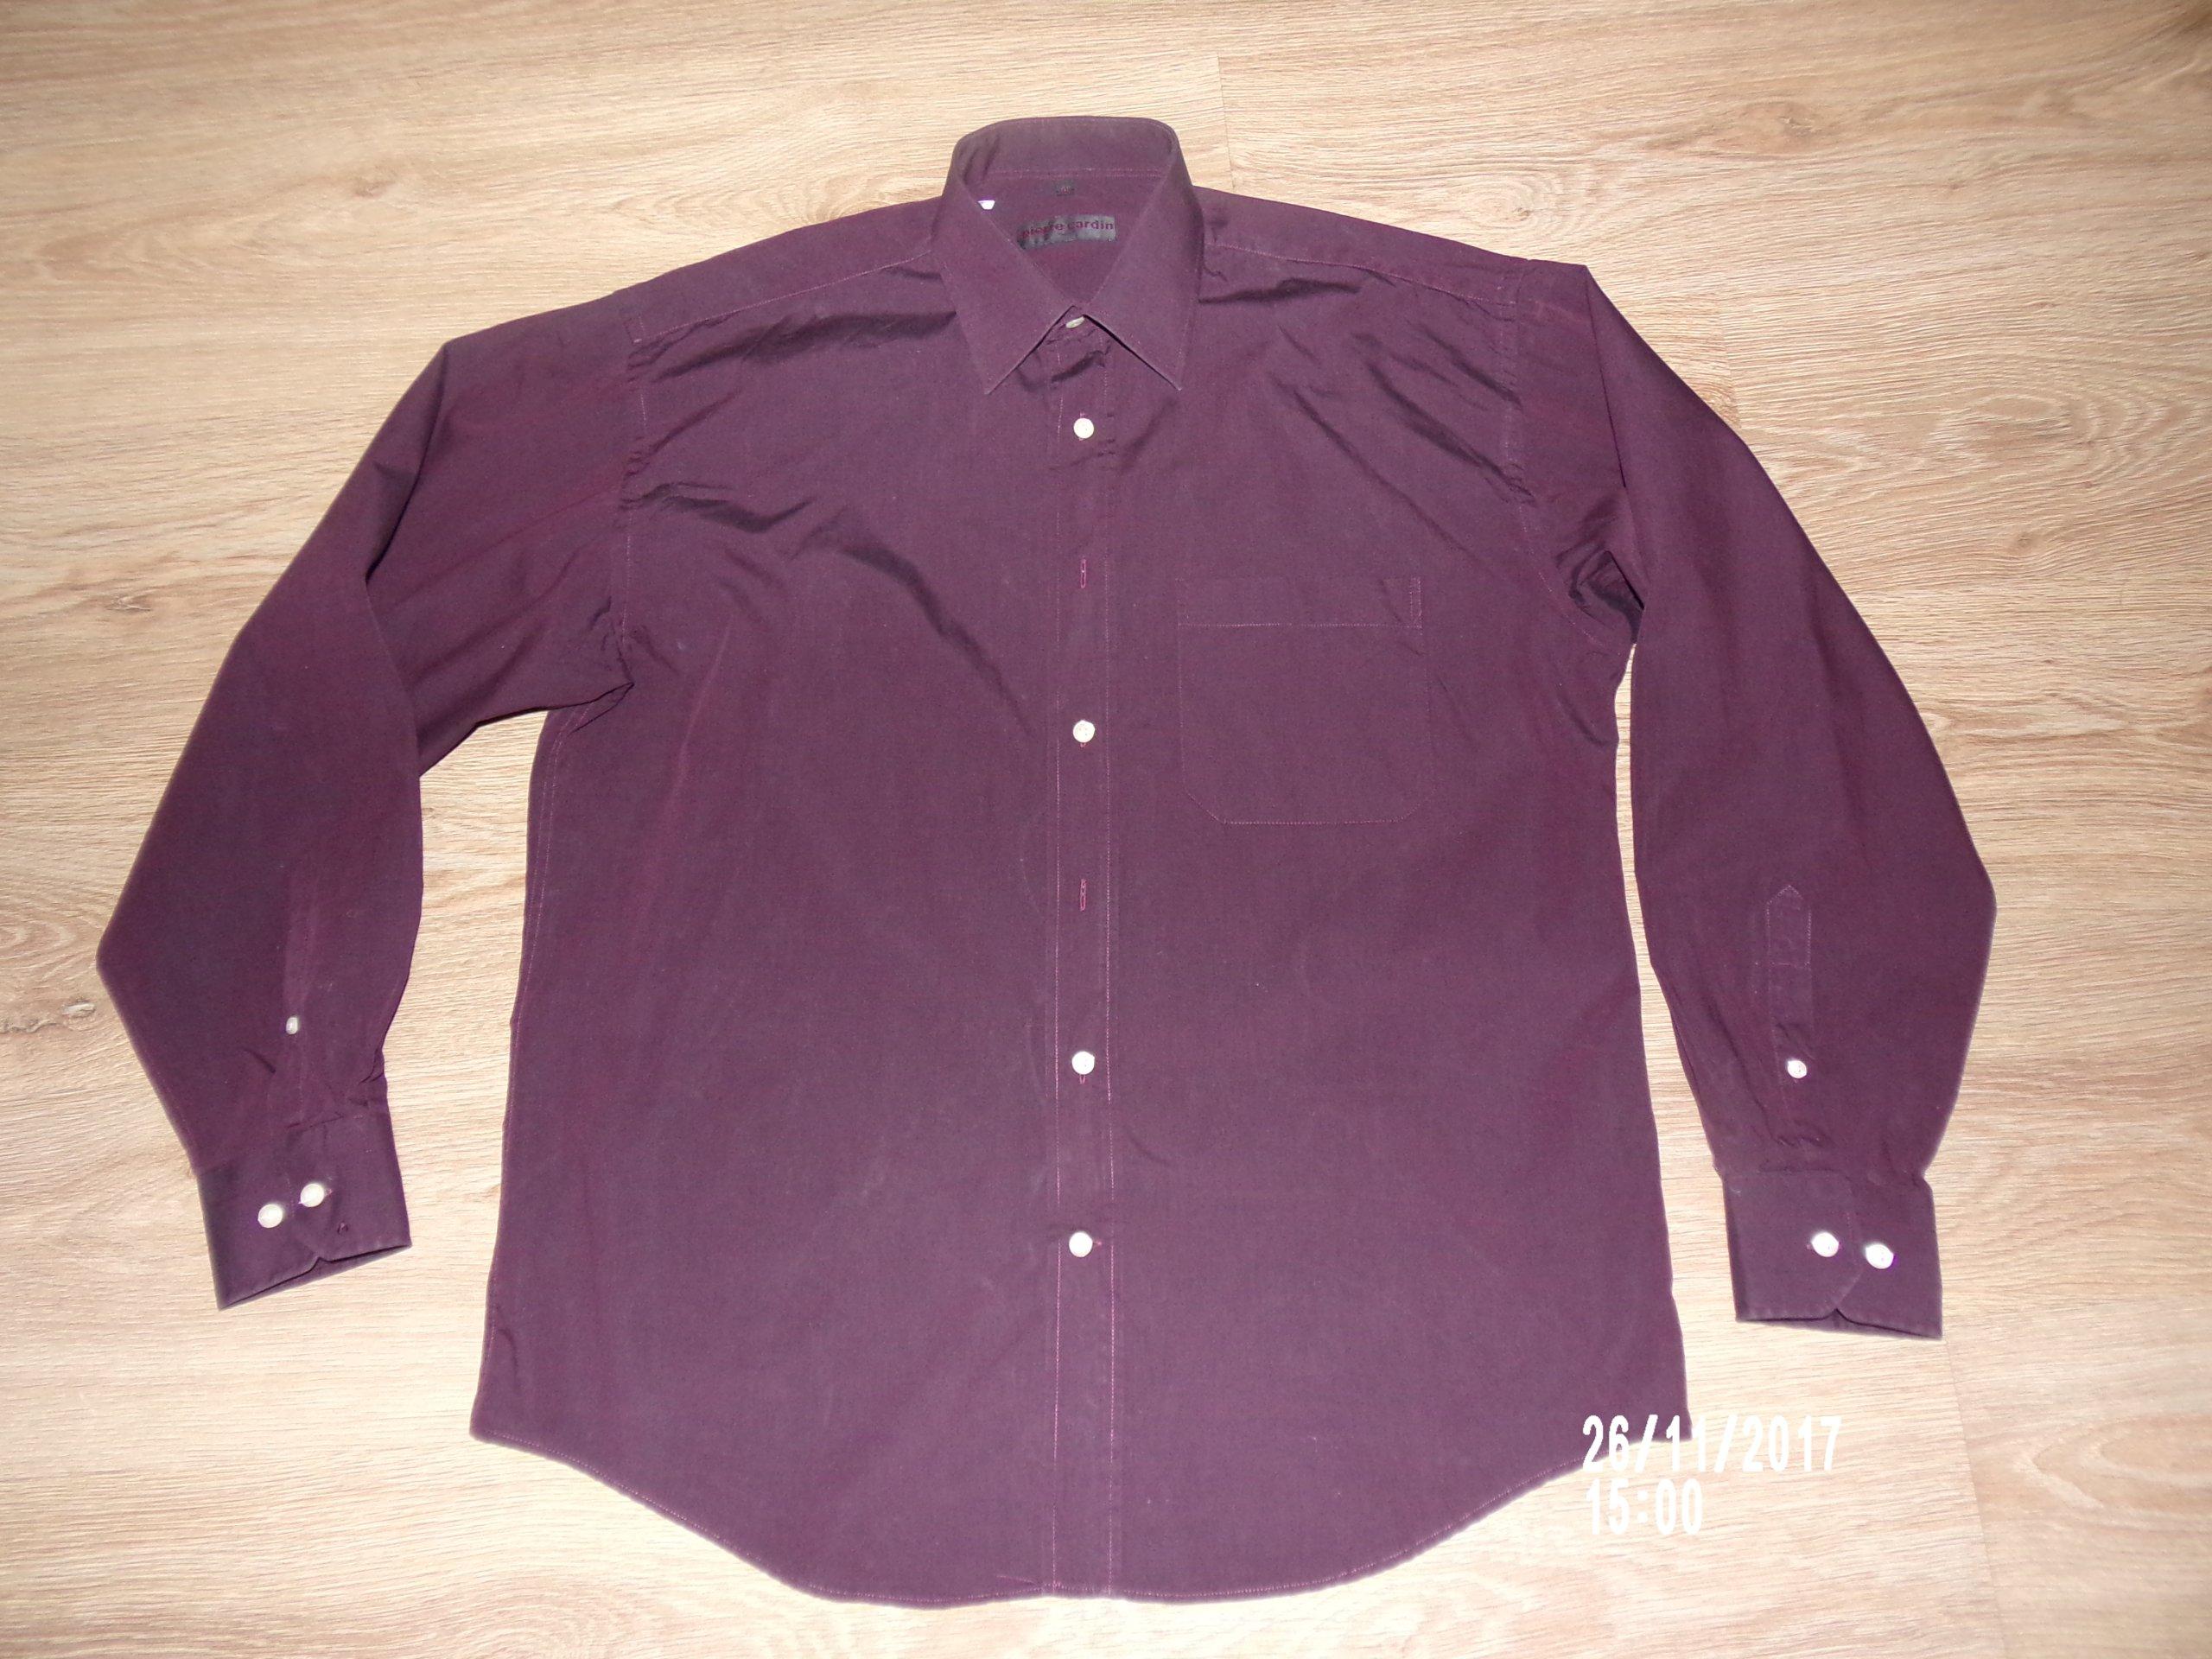 Fioletowa koszula Pierre Cardin 41 kołn. 42cm